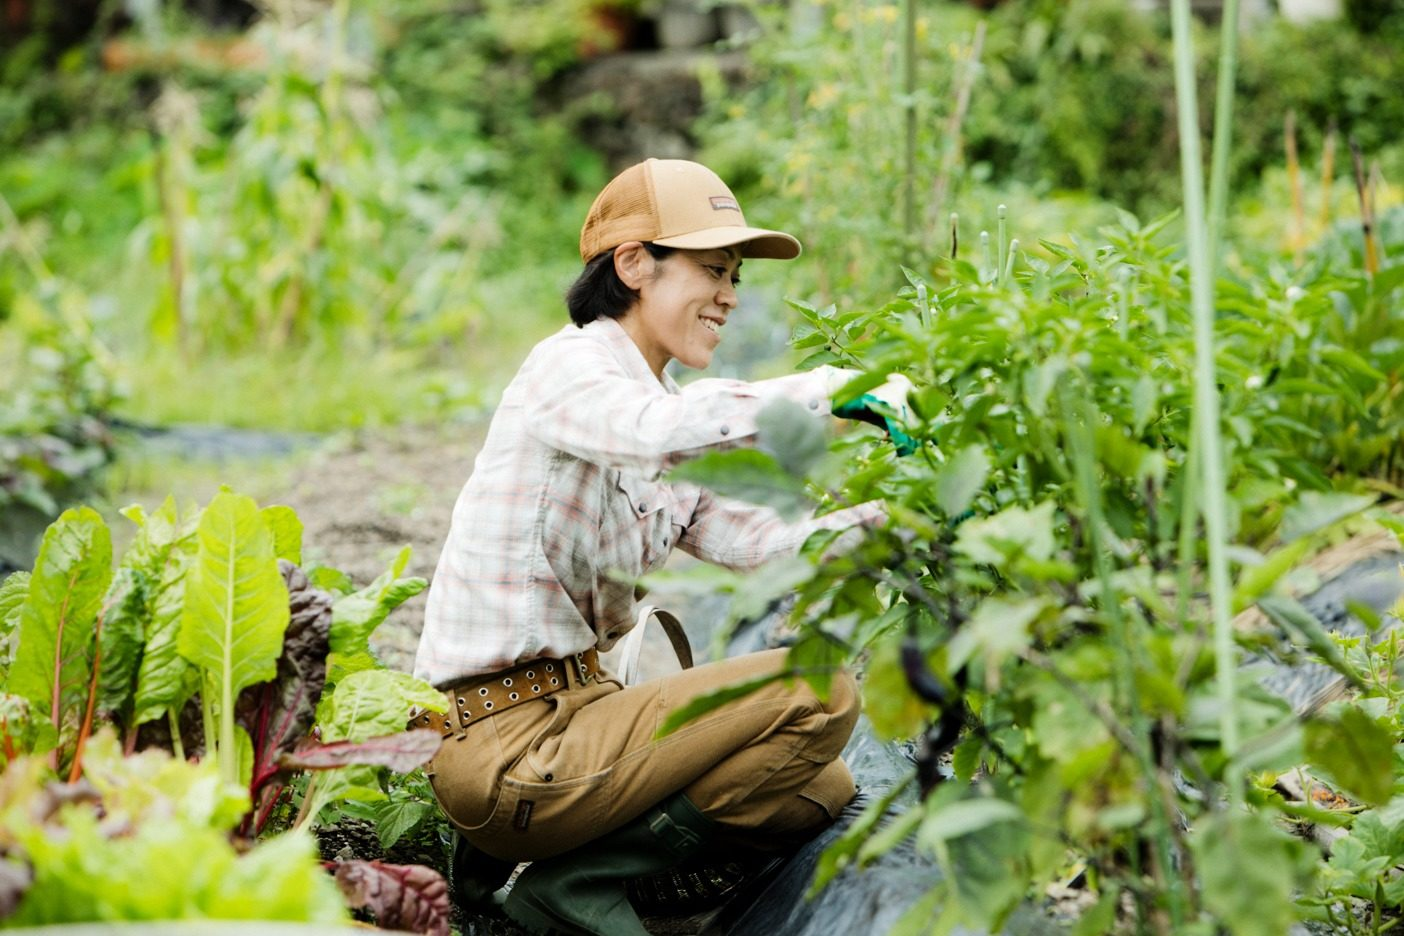 妻の美子さんが丹精込めて手入れする自家菜園。マメ類、ナス、トマト、キュウリ、ネギ……自分たちが食べたい野菜を季節に応じて育てている。写真:五十嵐 一晴